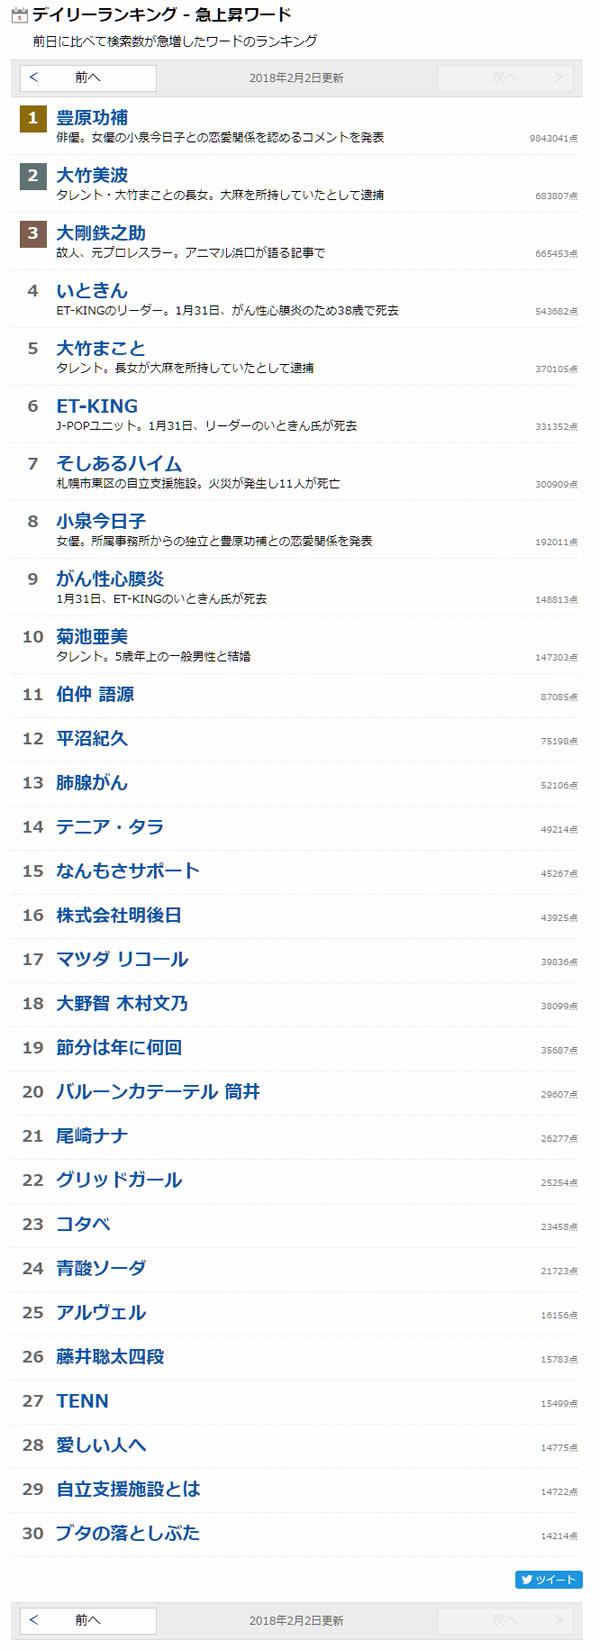 ヤフー検索検索ワードランキング